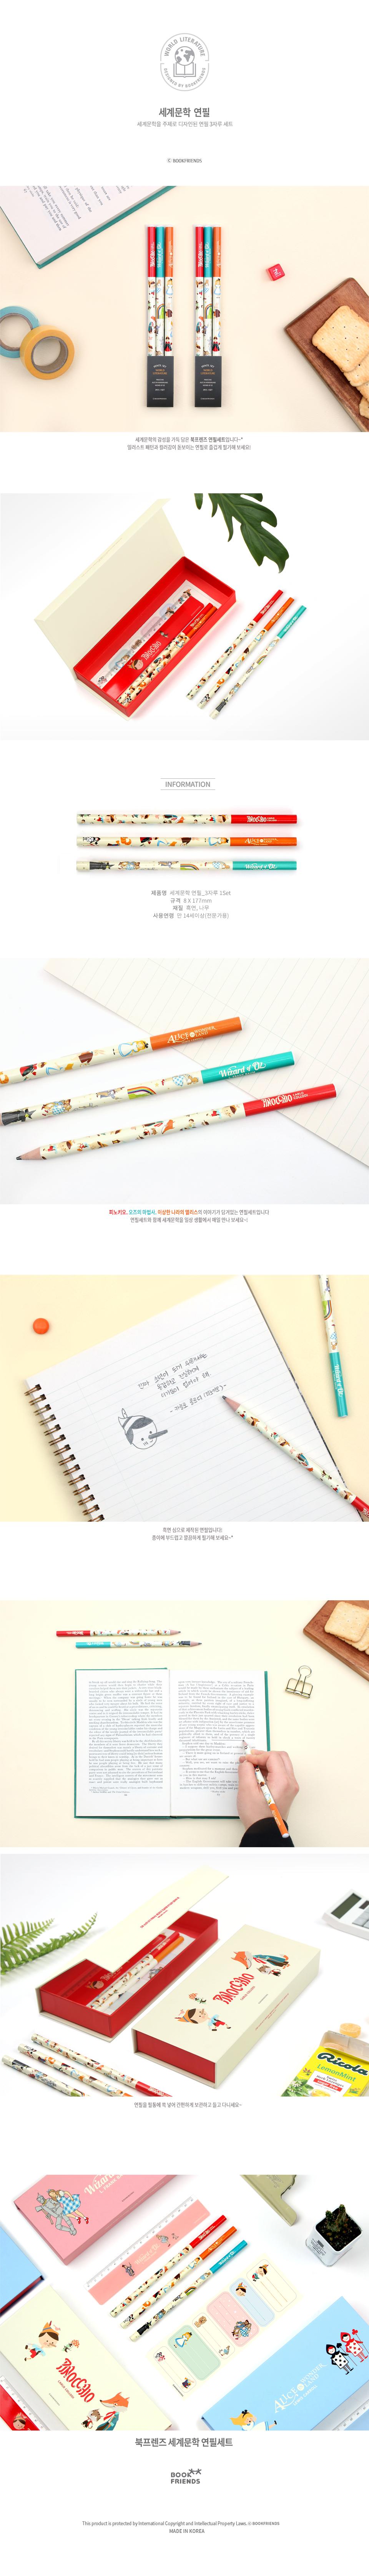 세계문학 연필 세트(3p) - 북프렌즈, 1,800원, 연필, 연필세트